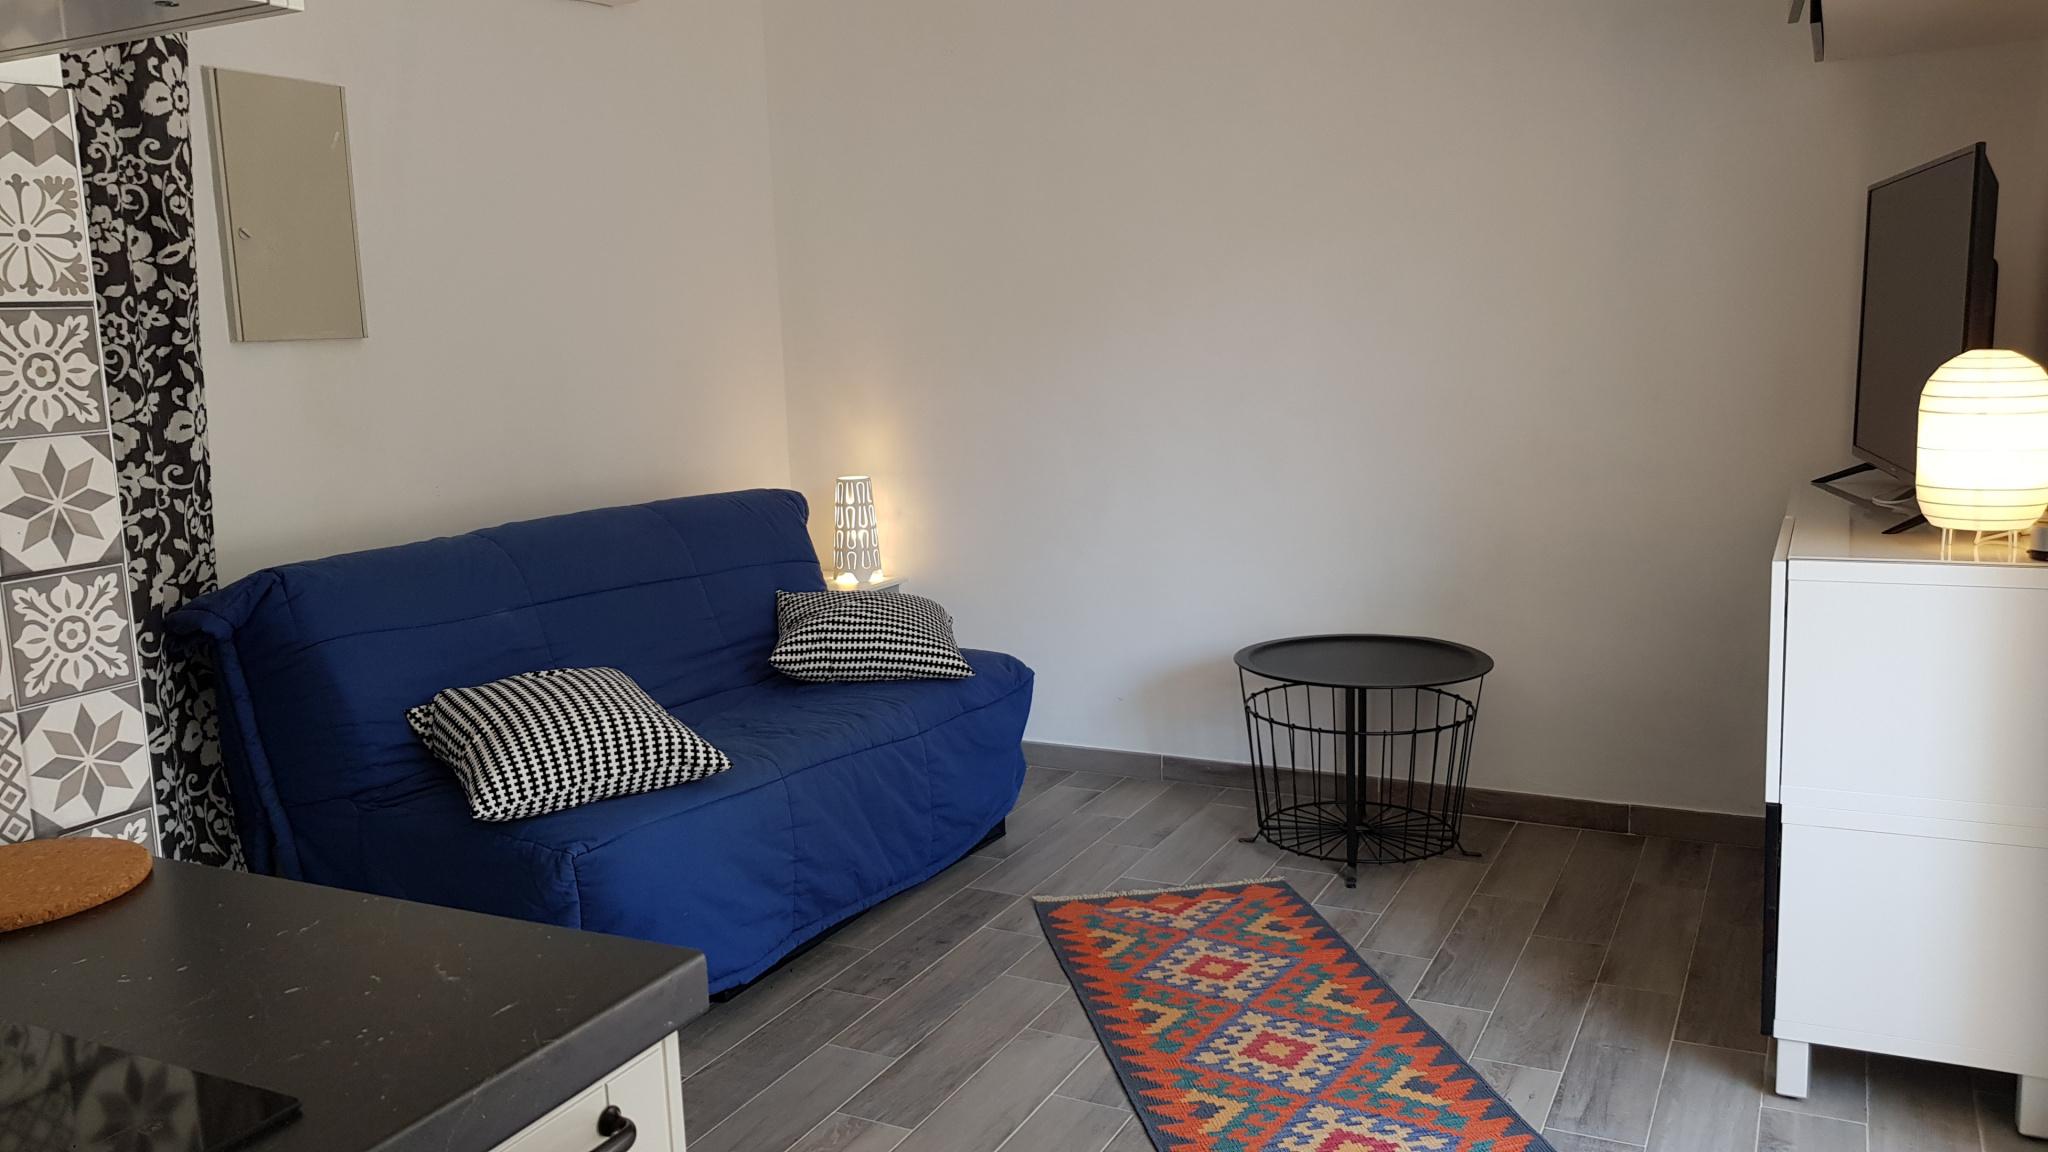 location appartement sanary sur mer 83110 sur le partenaire. Black Bedroom Furniture Sets. Home Design Ideas